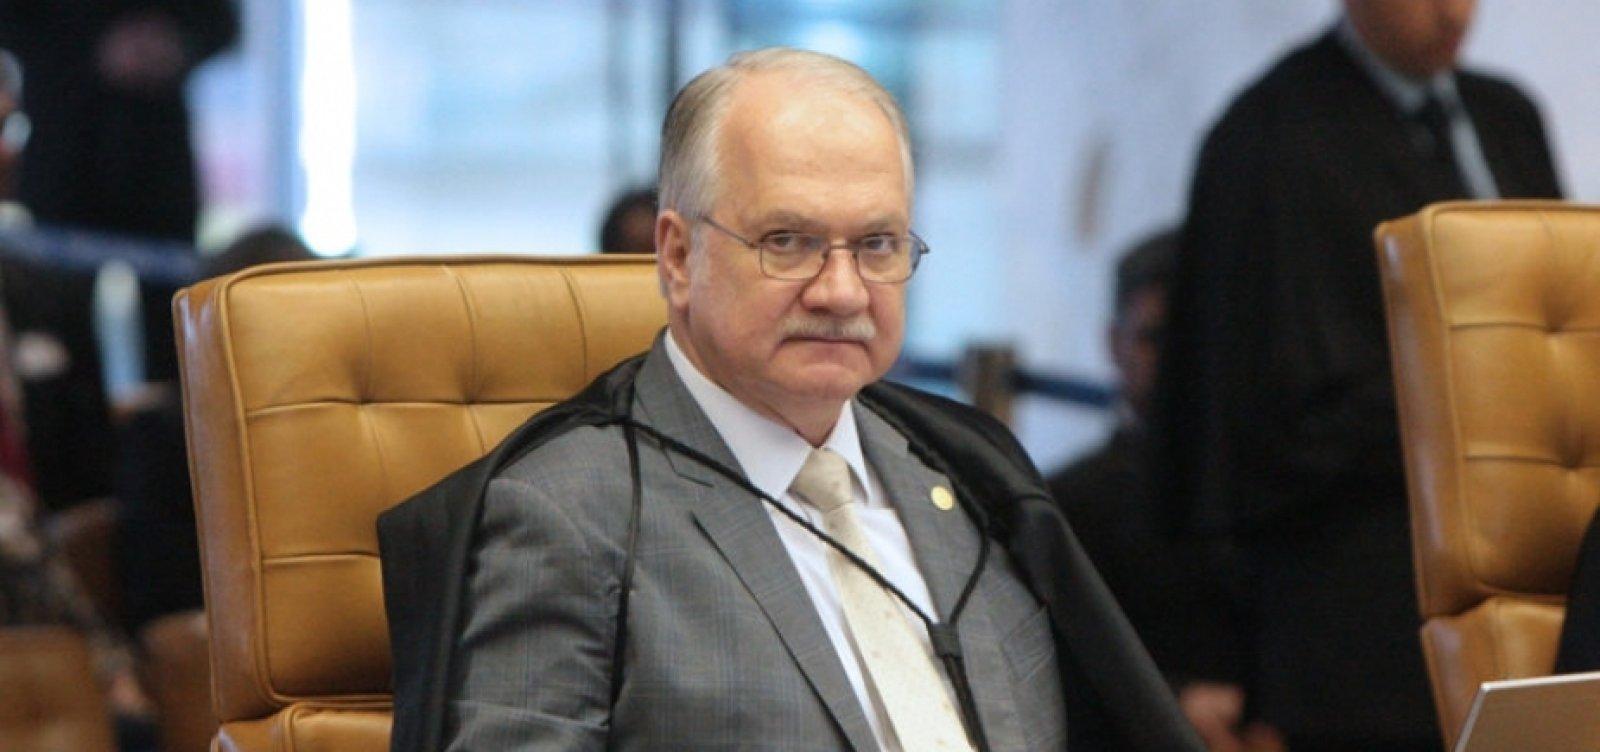 [Relator Edson Fachin vota pela validade do inquérito das fake news]